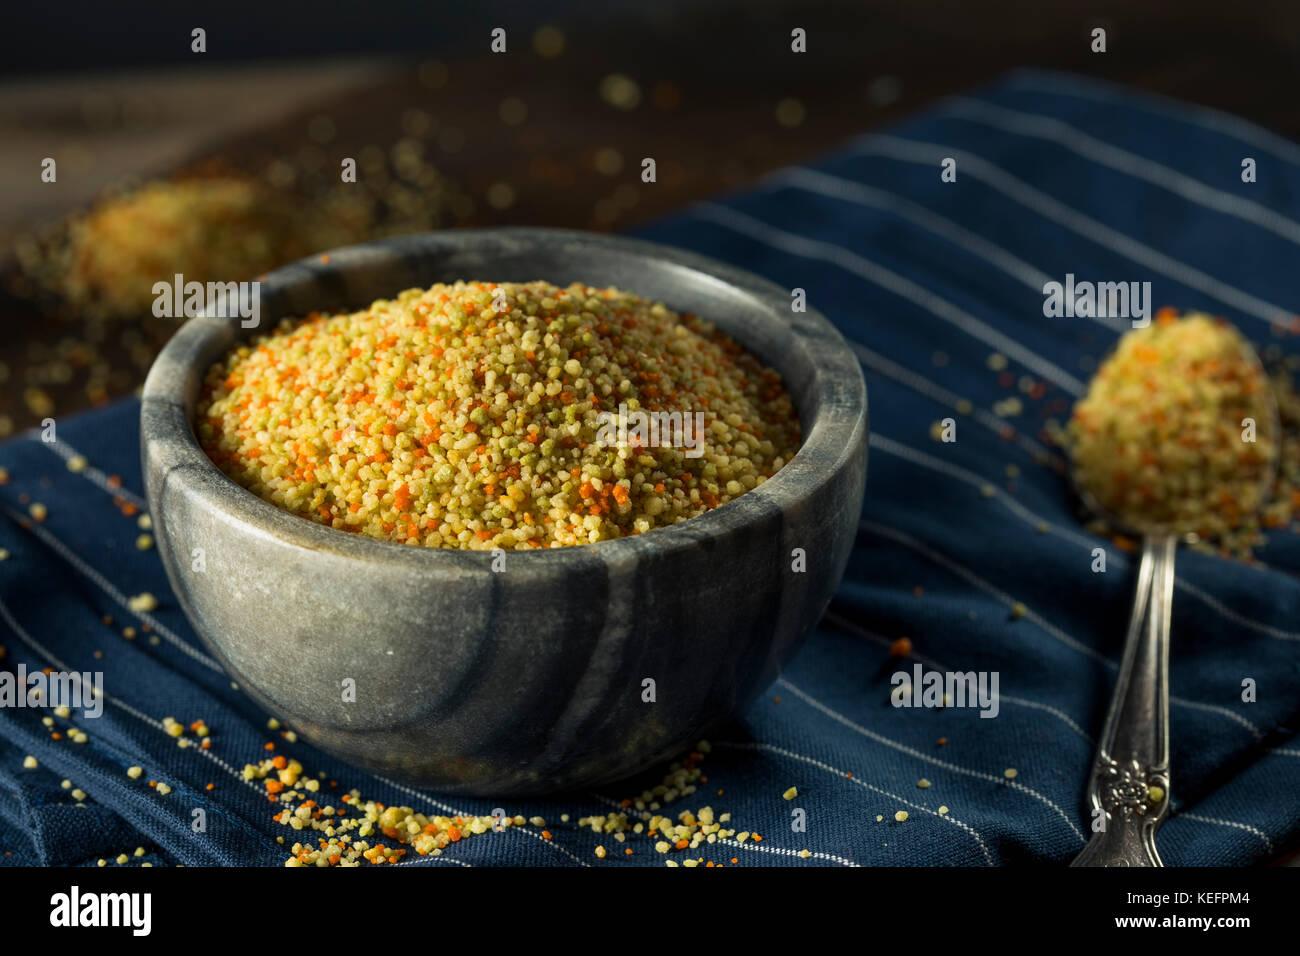 Rohe organische chemische dreifarbig Couscous in eine Schüssel geben. Stockbild